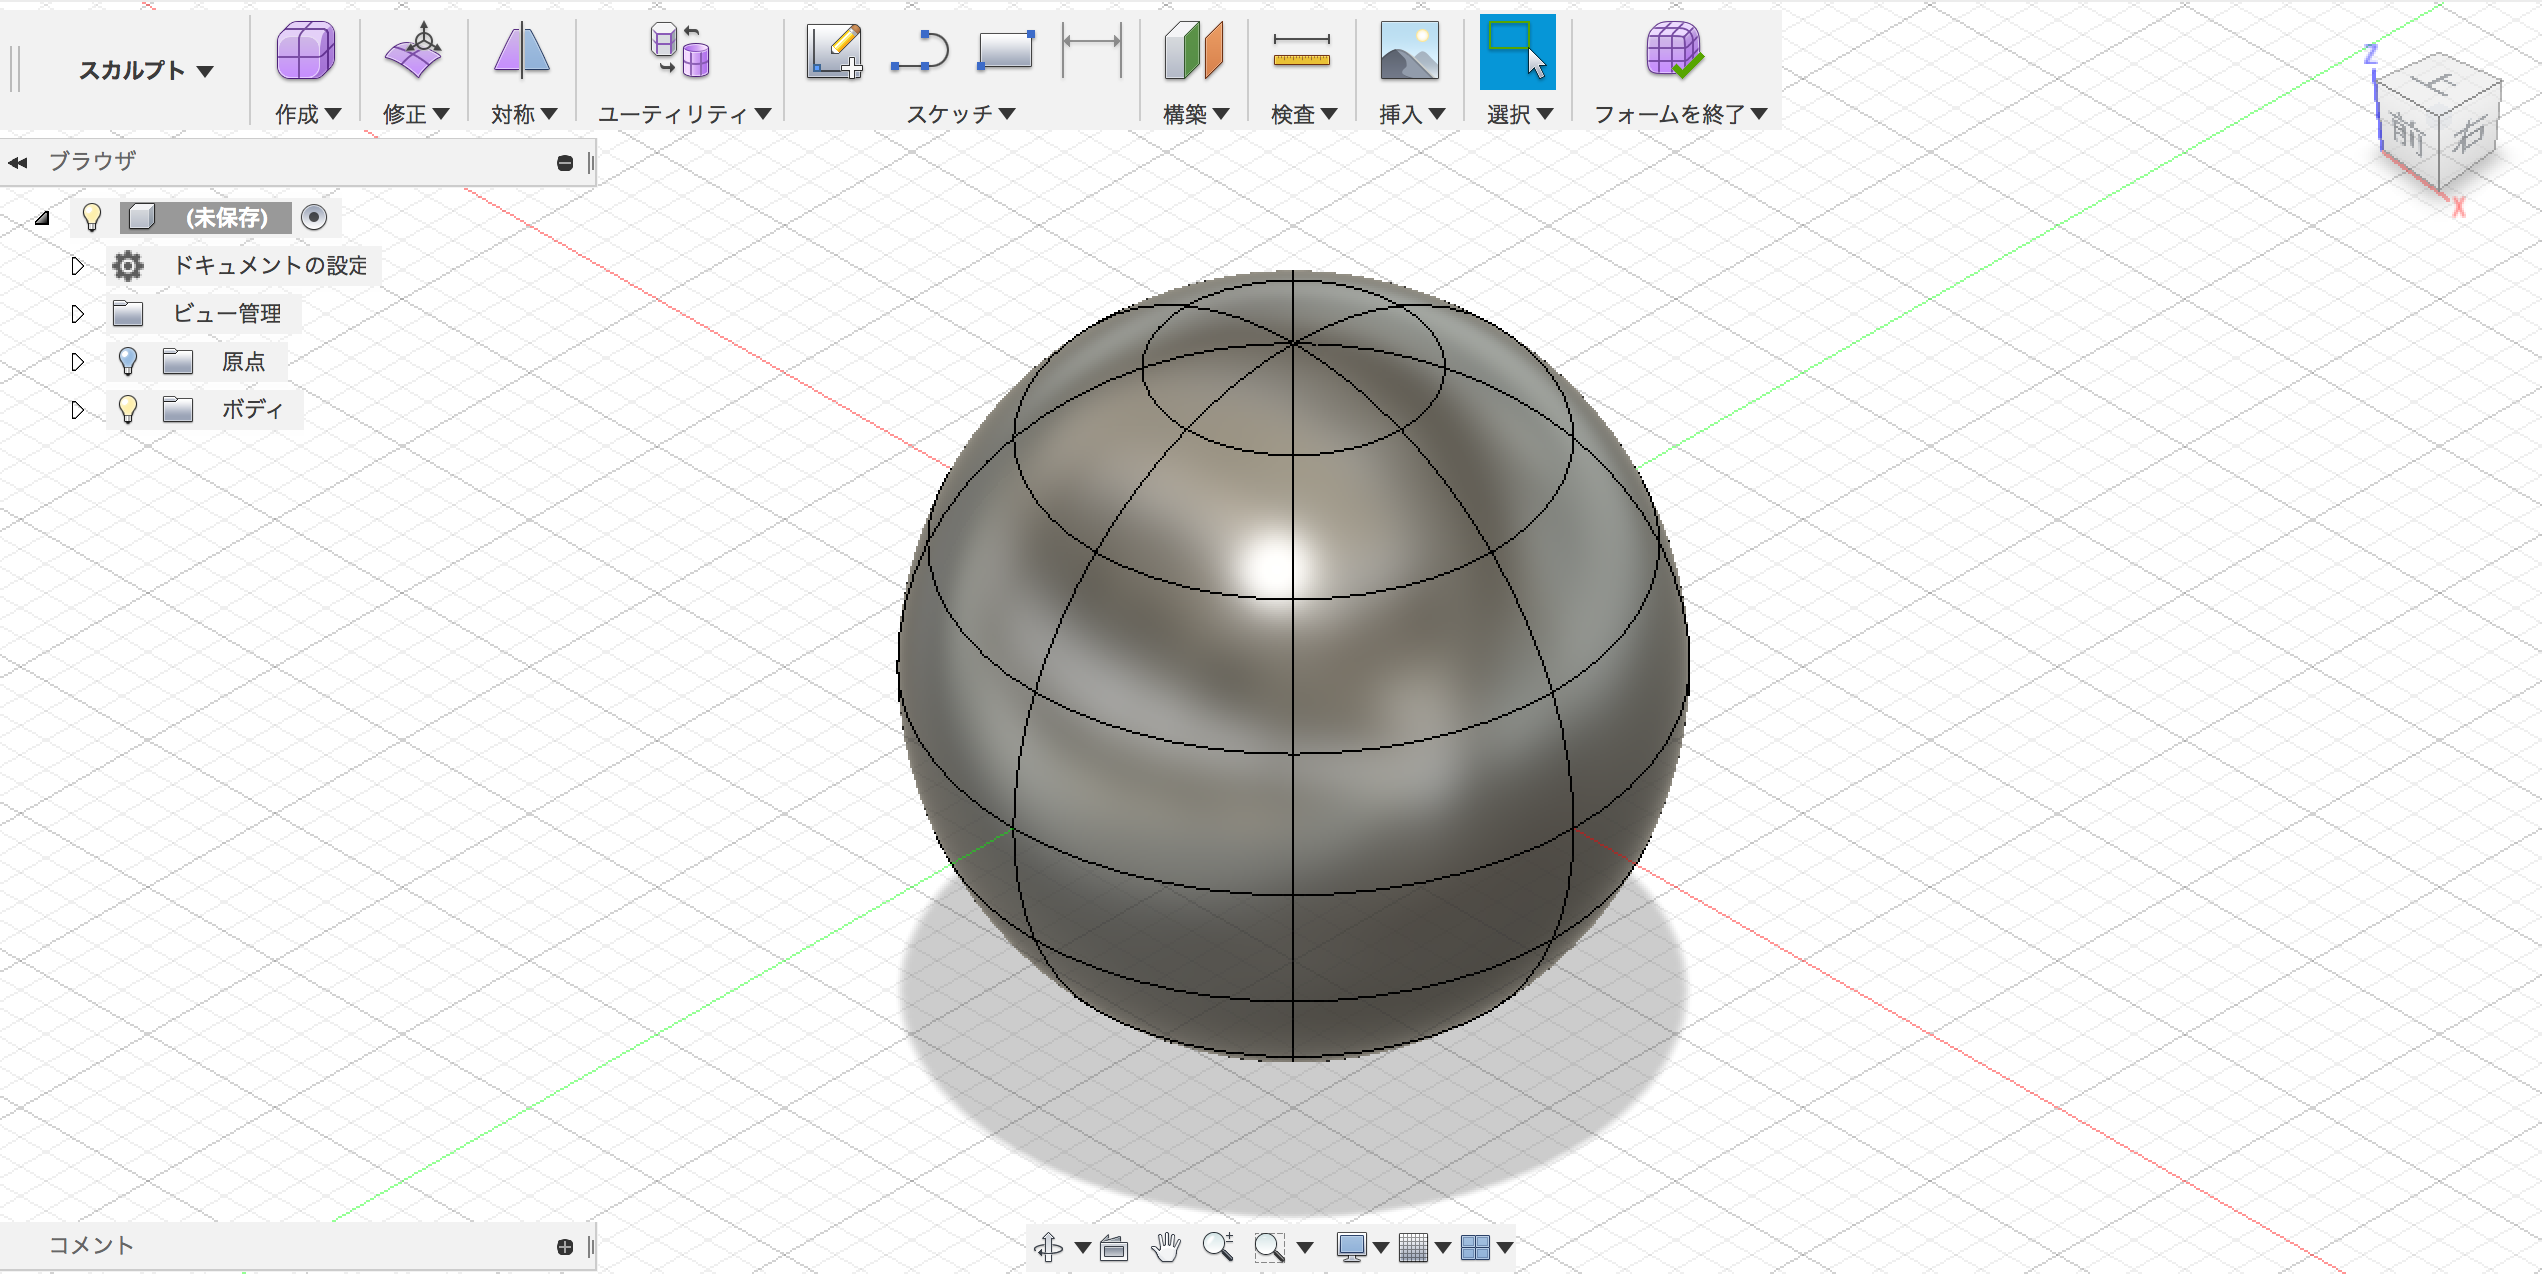 スカルプトで球体を作る